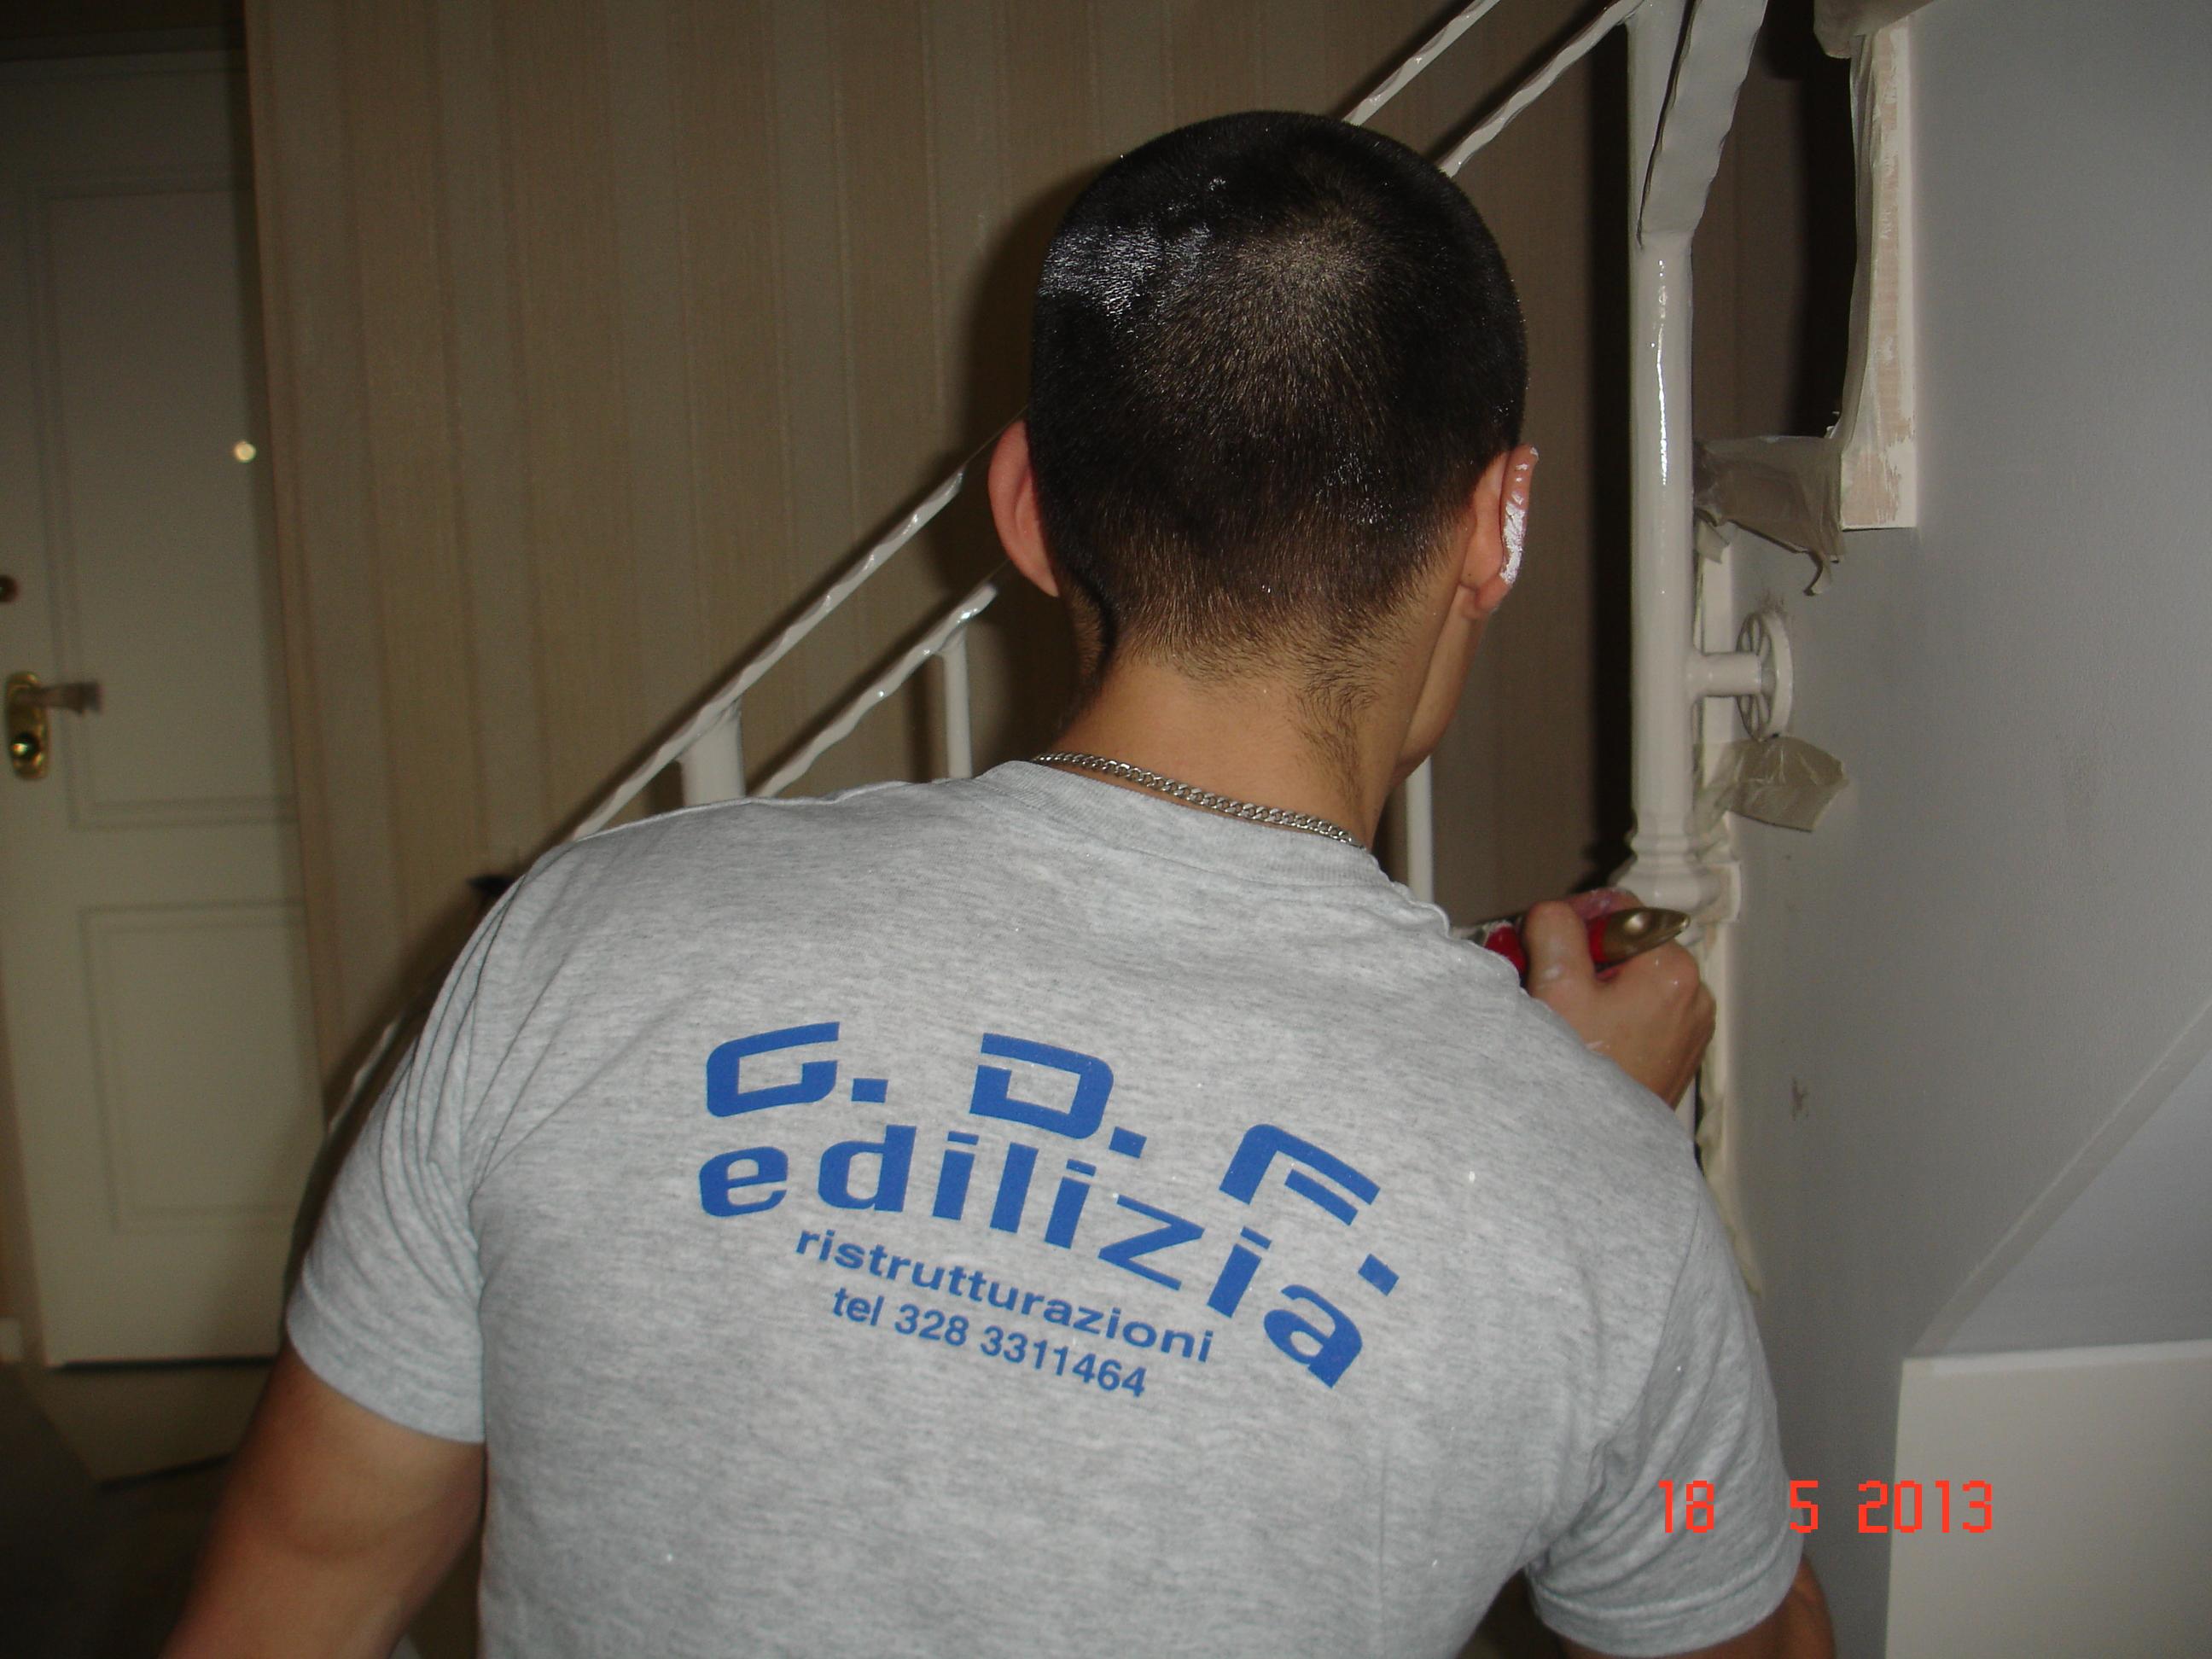 G.D.F. Edilizia